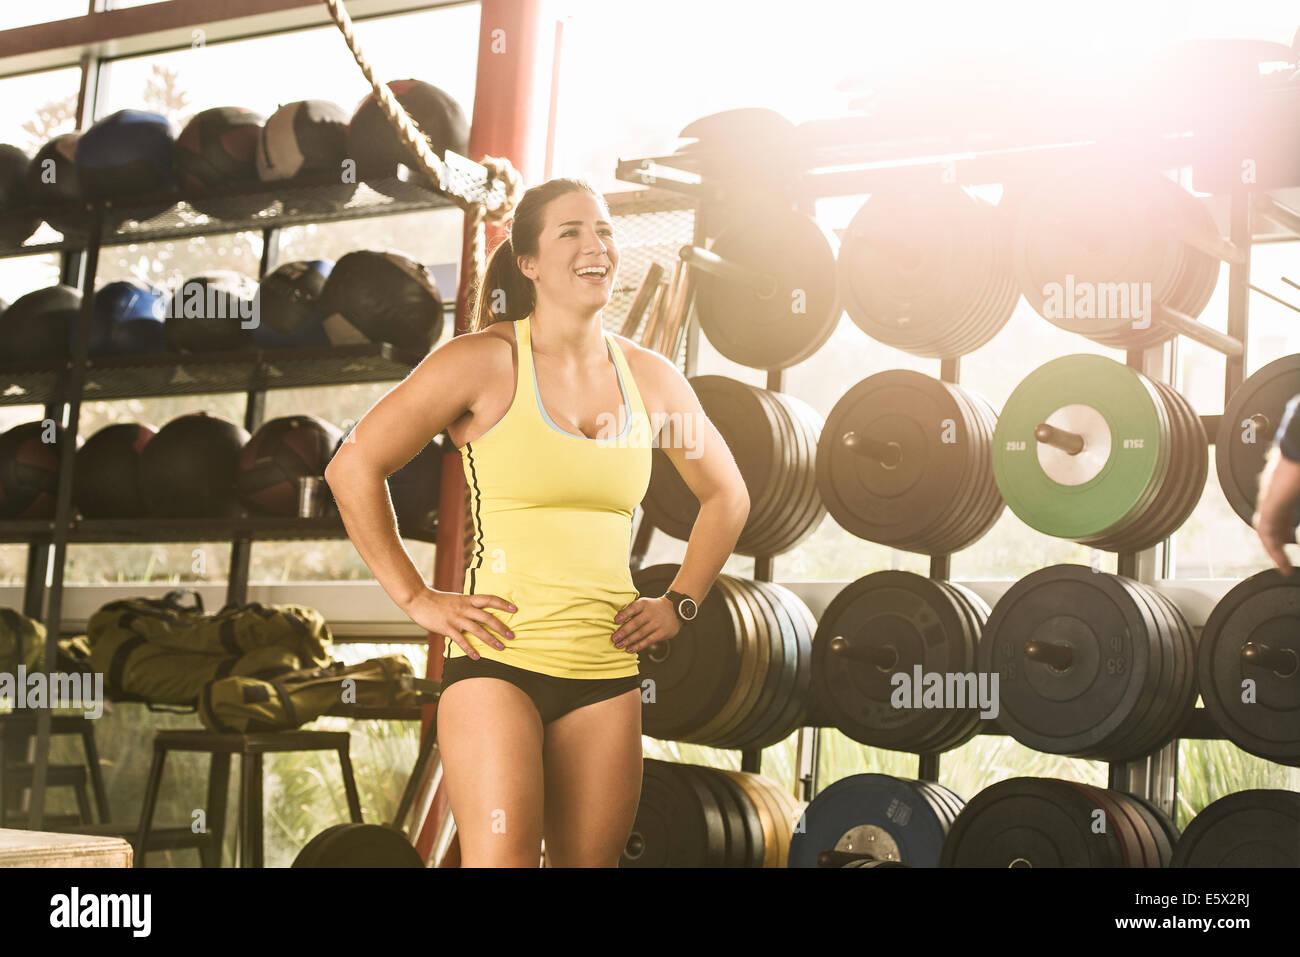 Feliz culturista de pie delante de un aparato de gimnasia Imagen De Stock